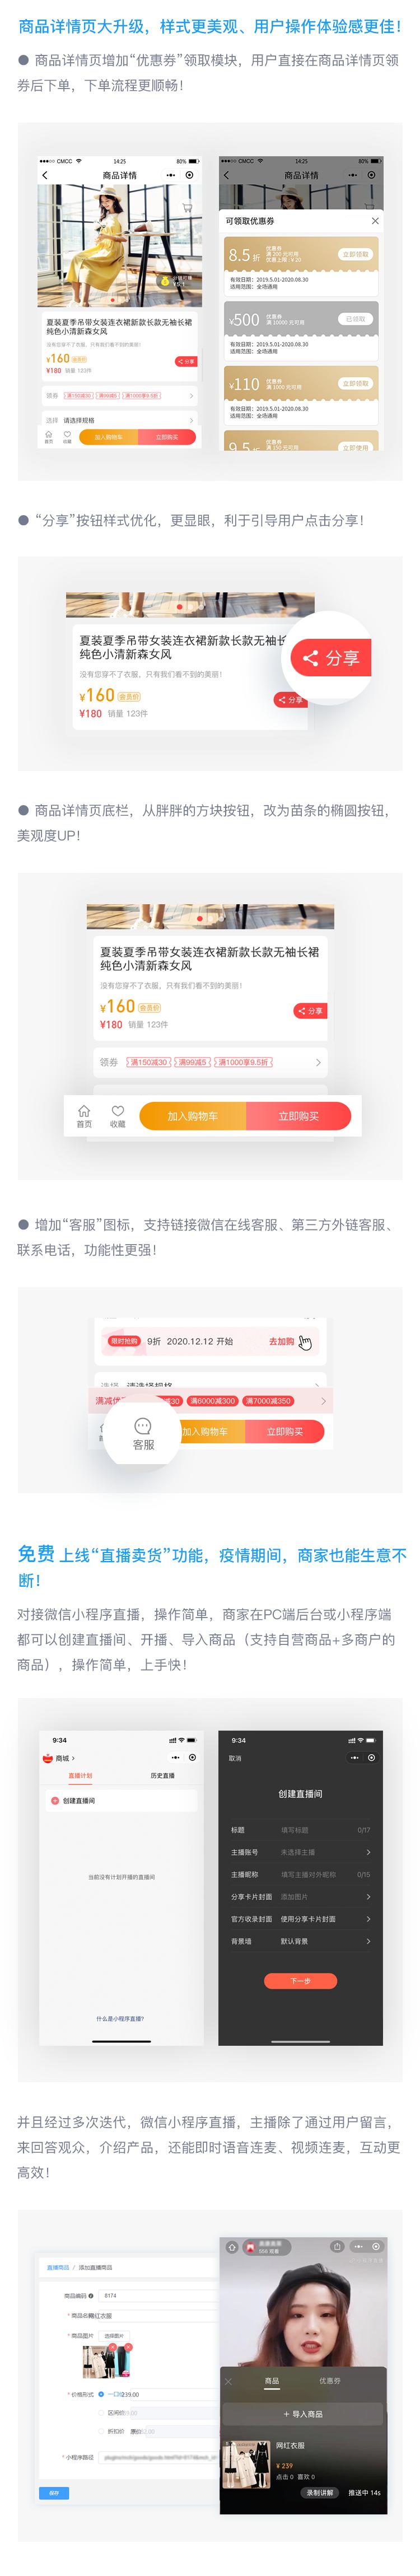 2020更新回顾_02.png